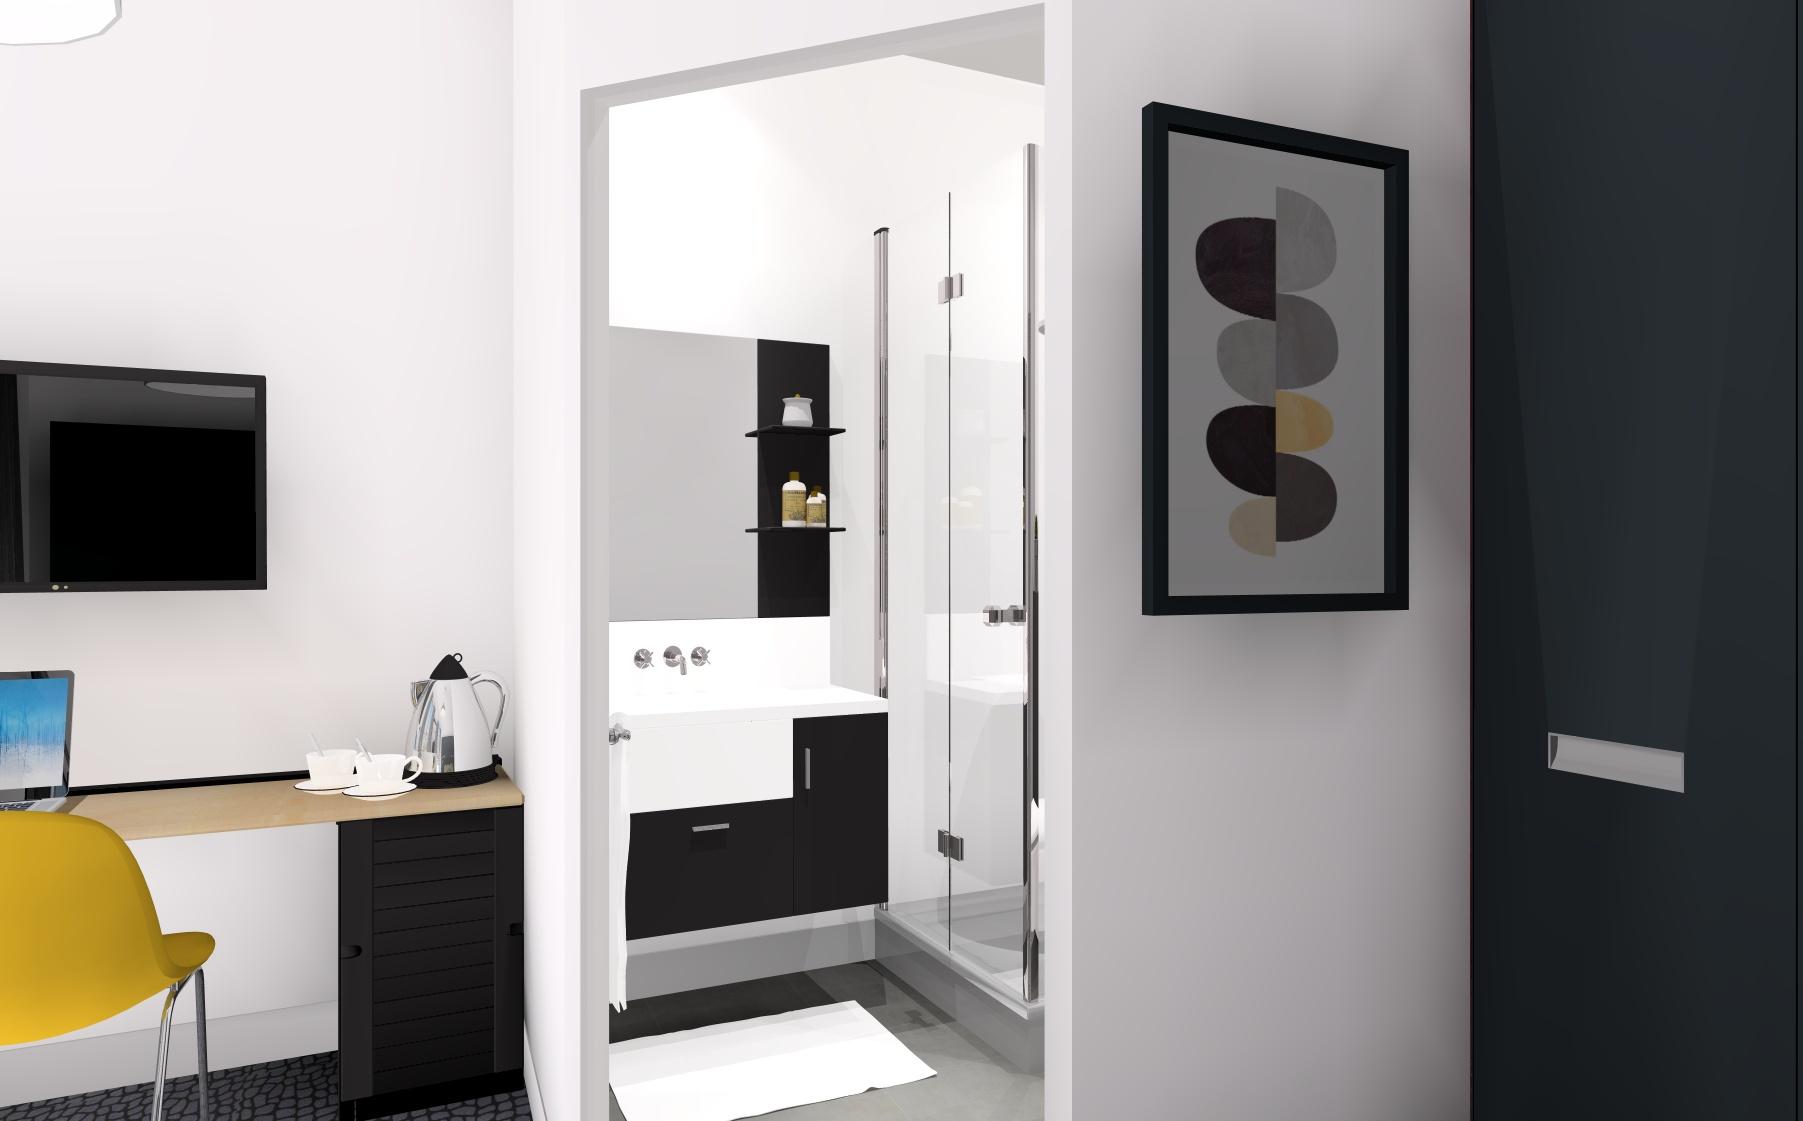 Architectes et d coratrices pour vos simulations 3d pensez la sous traitance - Plan 3d salle de bain ...